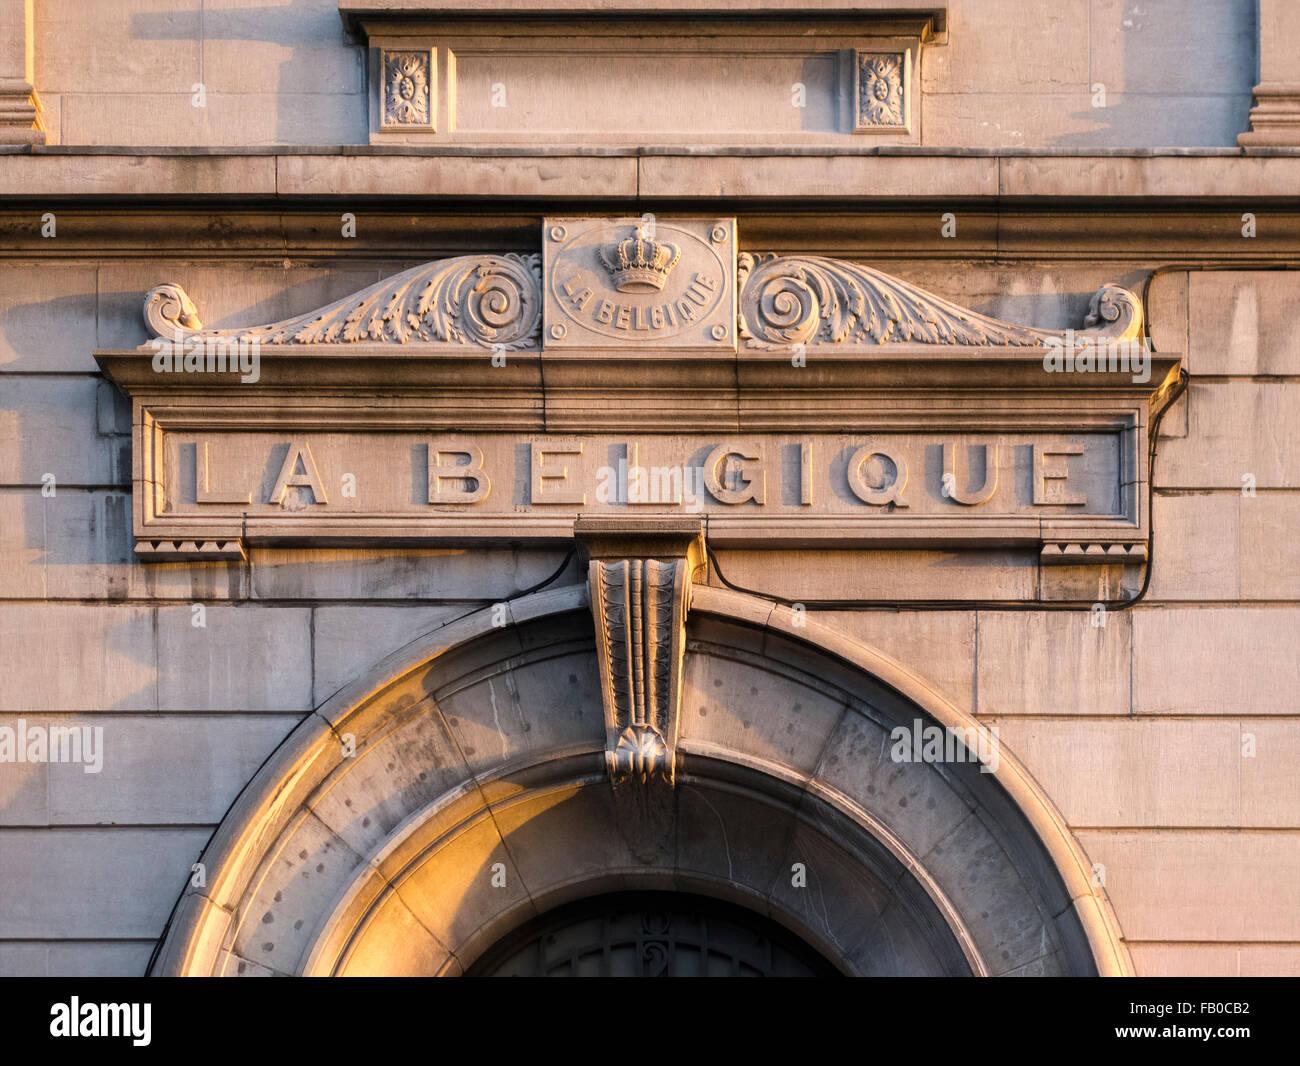 Signo de Bélgica. Inscripción coronada La Belgique sobre la puerta de un tribunal de justicia de la paz en Bruselas. Foto de stock